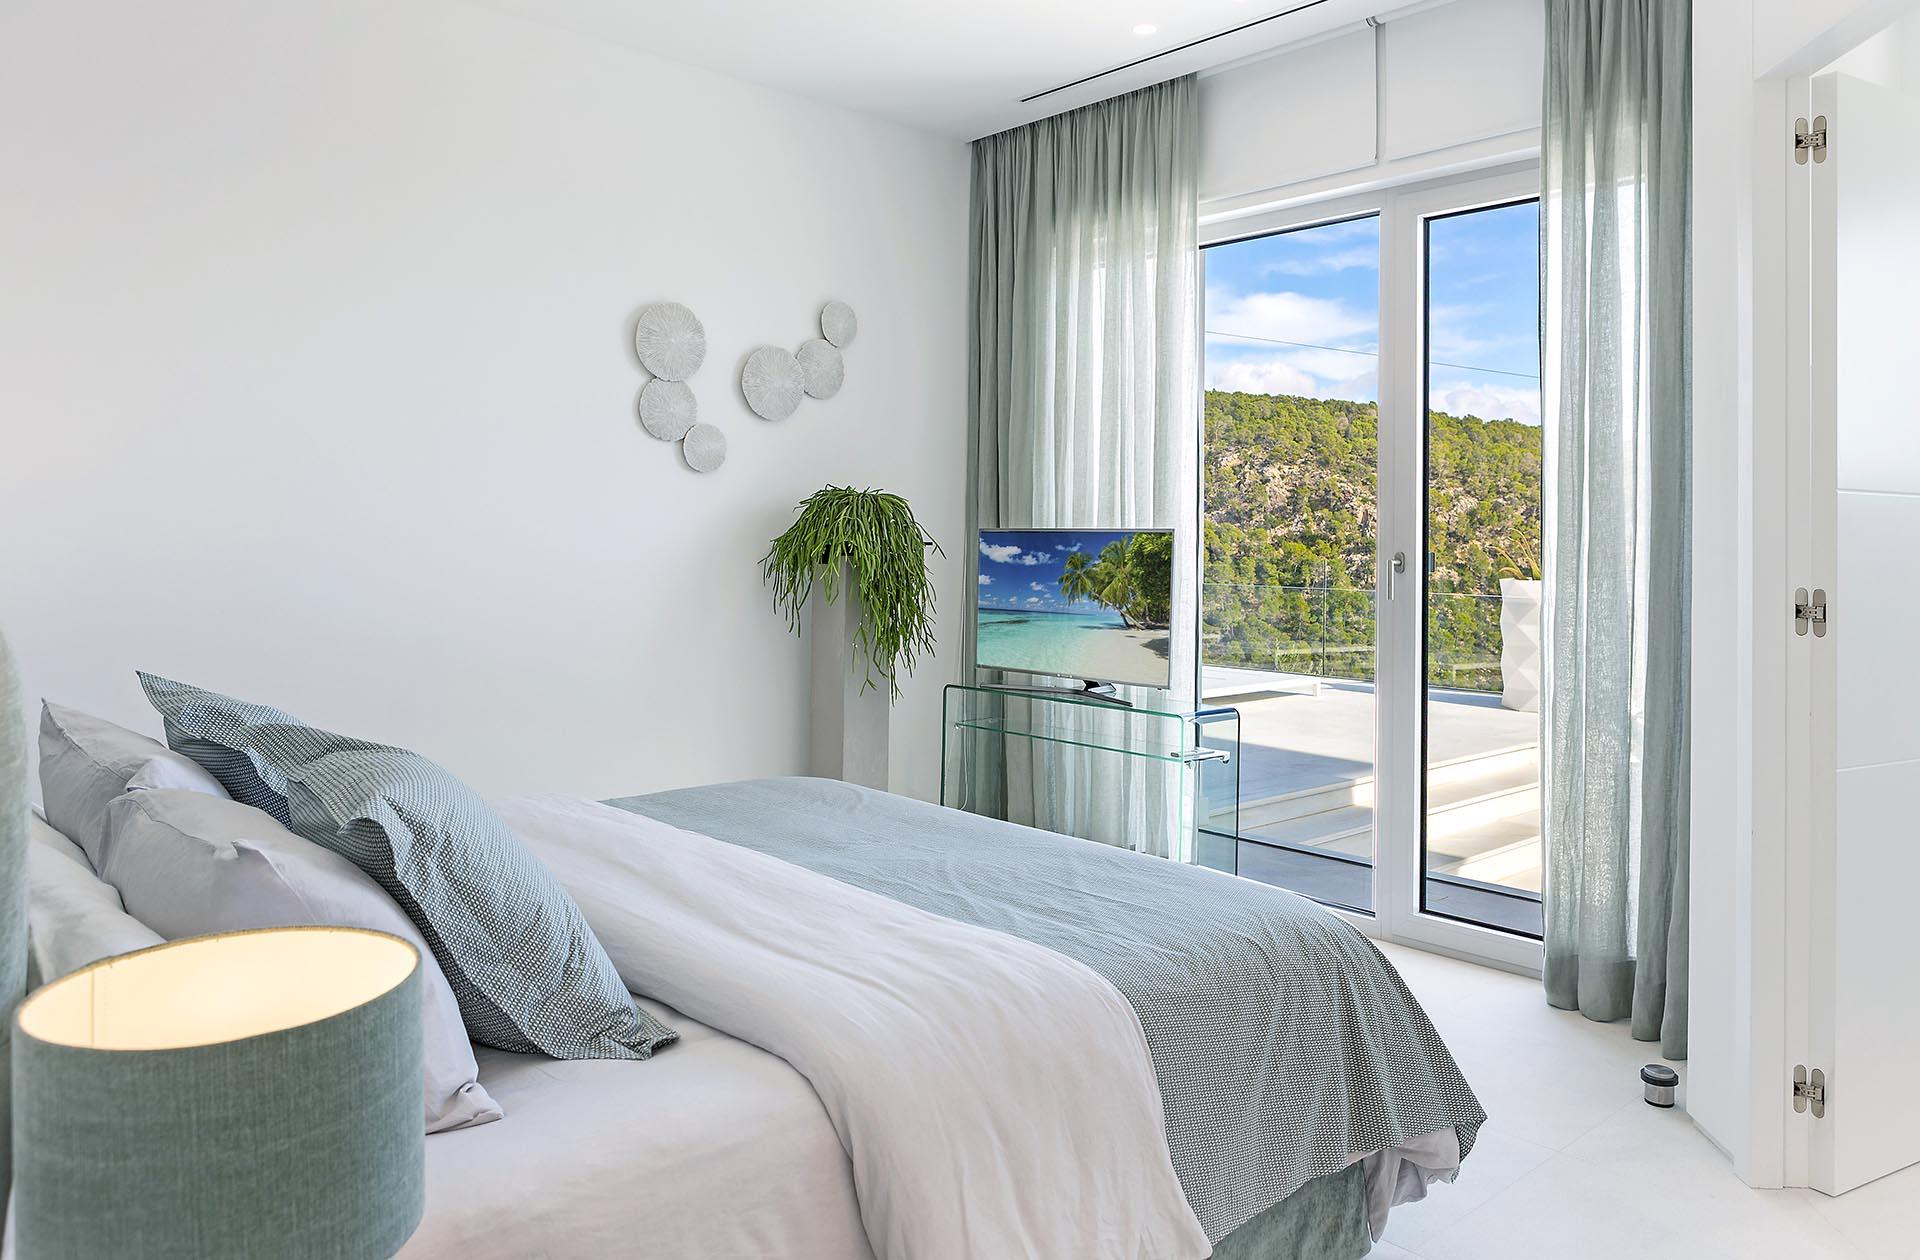 Traumhafte moderne Villa in Costa den Blanes - Mediterranes Schlafzimmer